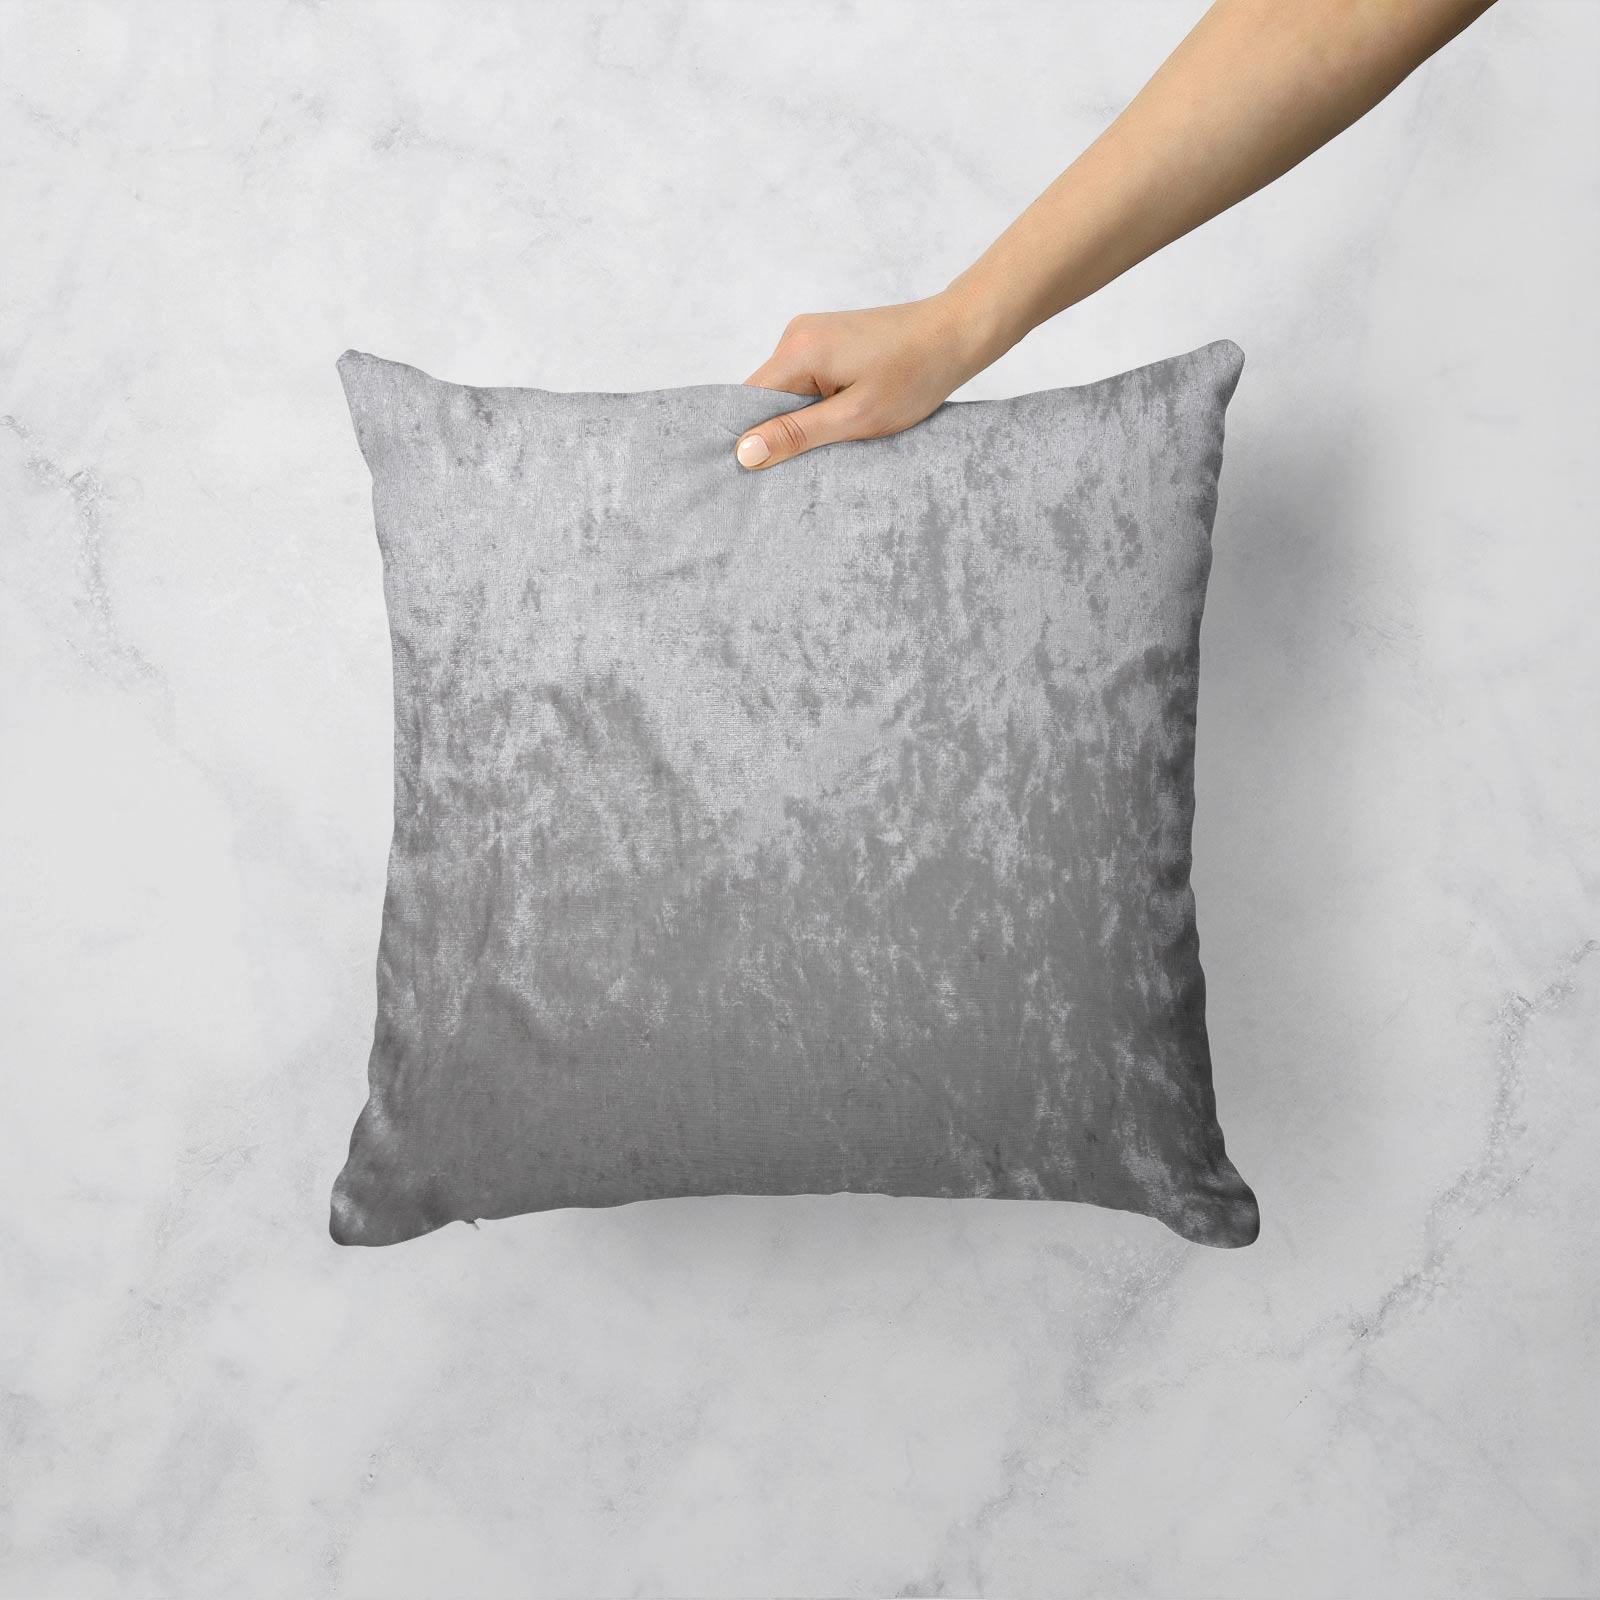 Cuscino-di-velluto-schiacciato-copre-GLAM-Tinta-Unita-Copricuscino-18-034-x-18-034-45cm-x-45cm miniatura 6